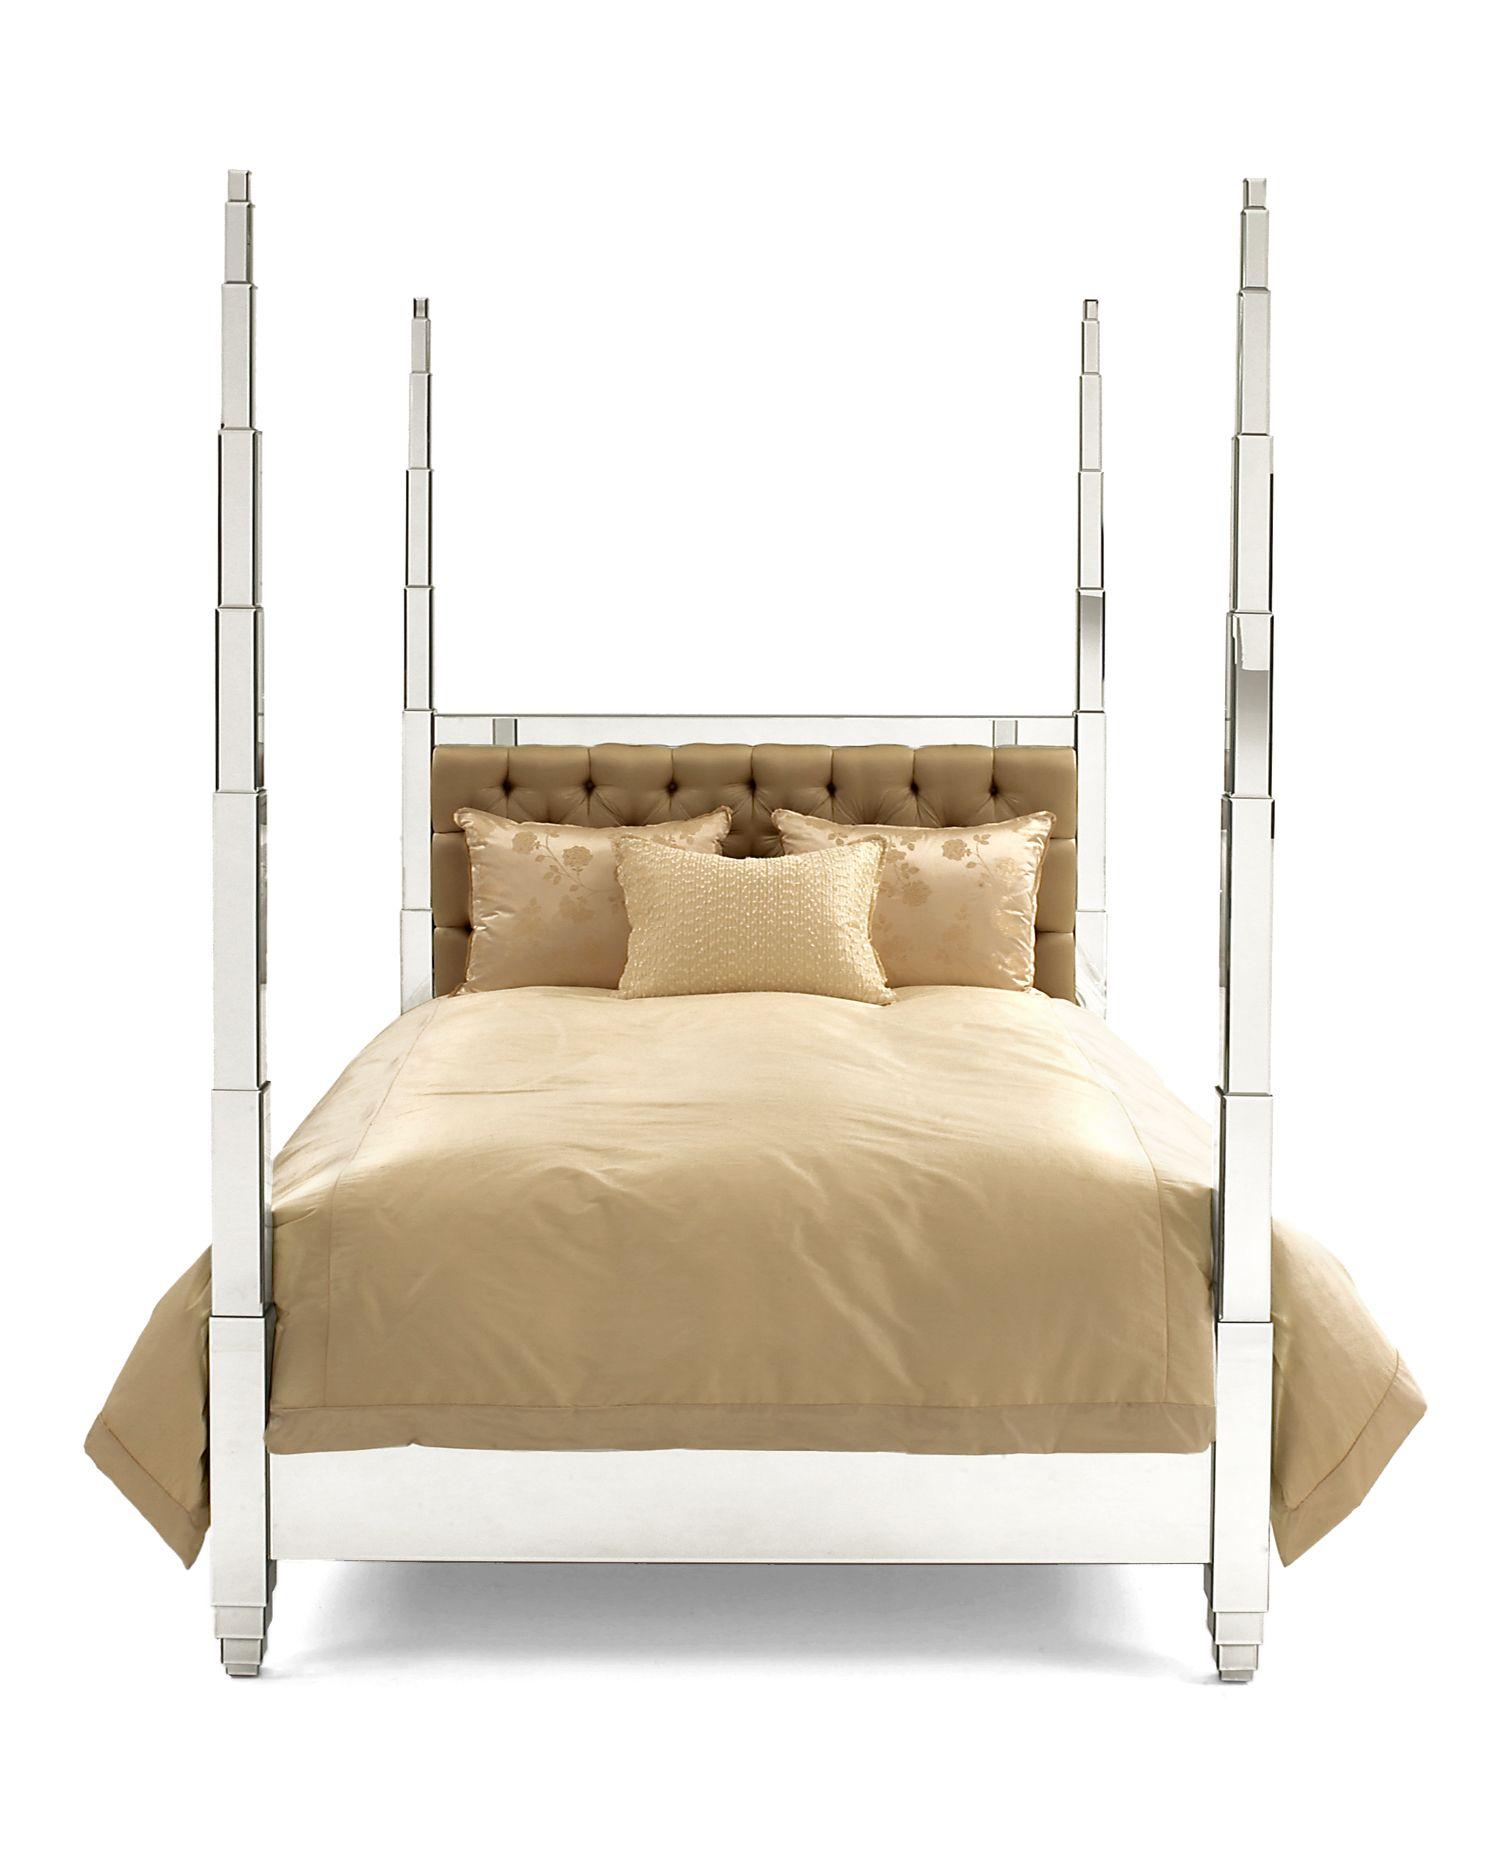 Prism Bed Dering Hall Queen Bed Frame Bed Frame Transitional Decor